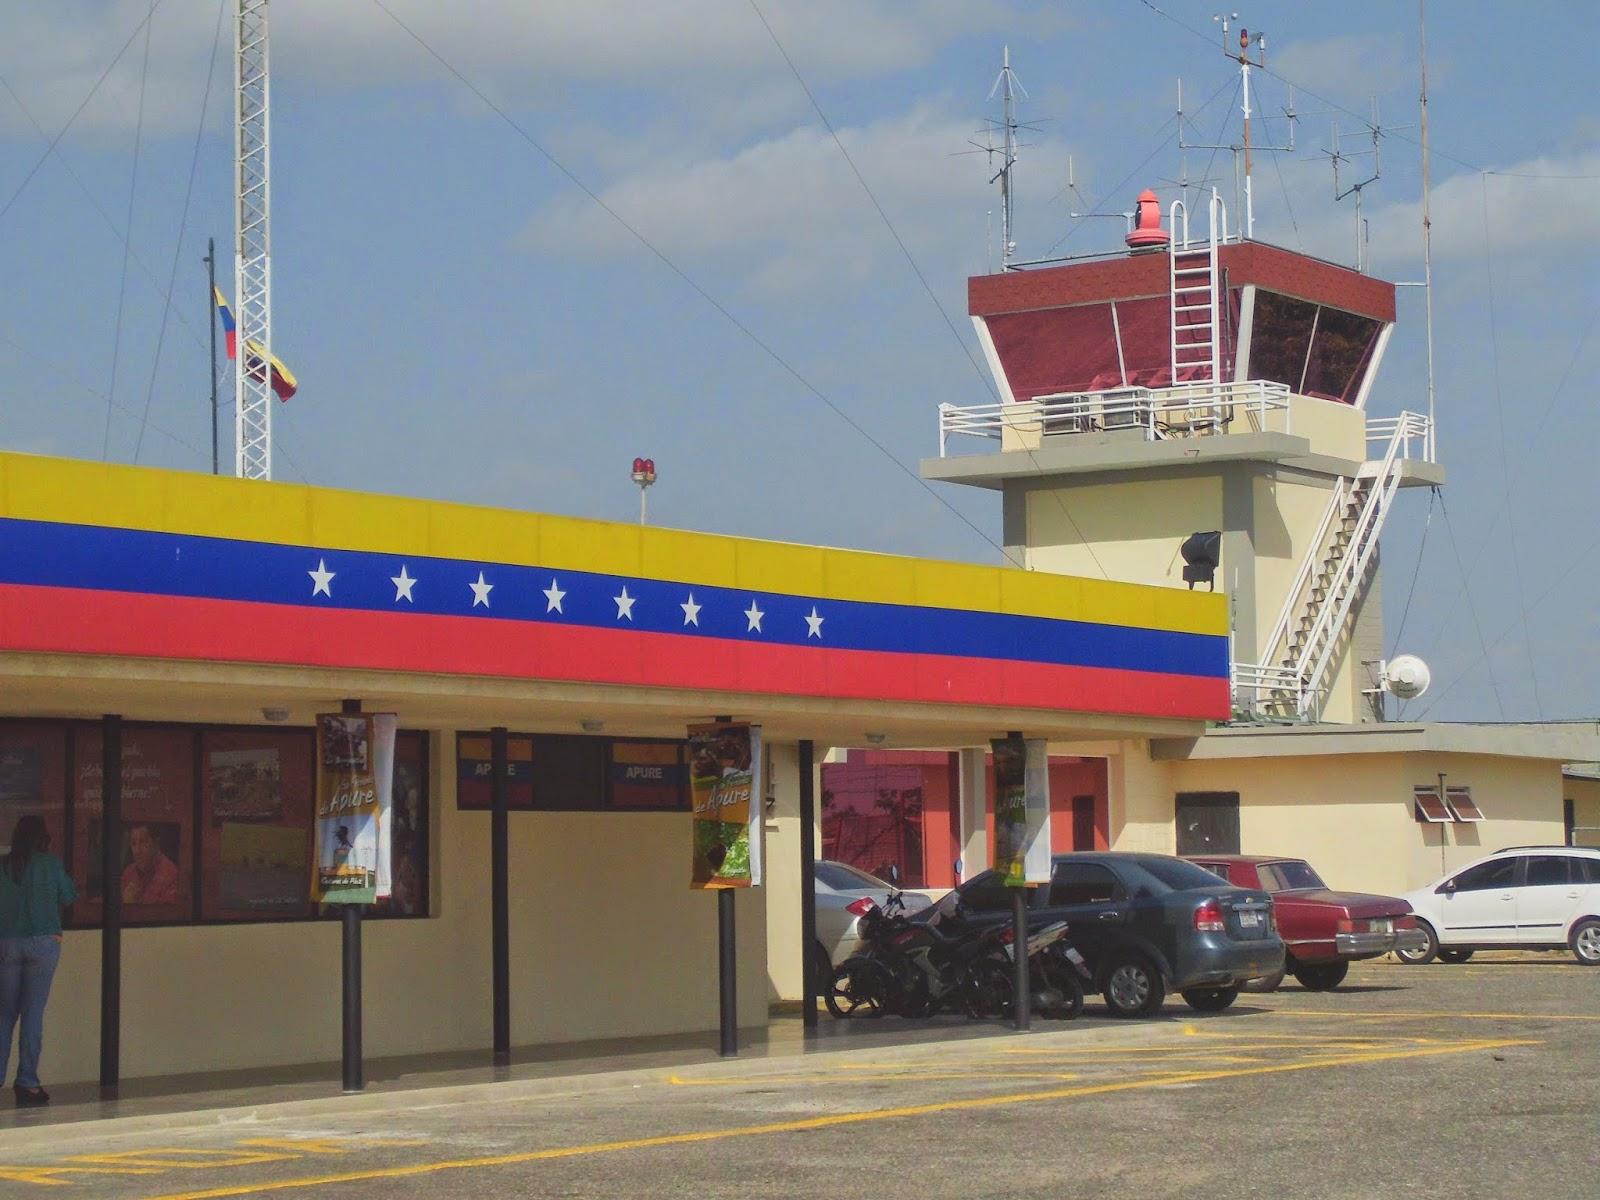 Avior Arlines todavía no ha aperturado vuelos comerciales en San Fernando pese a supuesta activación de ruta llanera hace 2 meses.